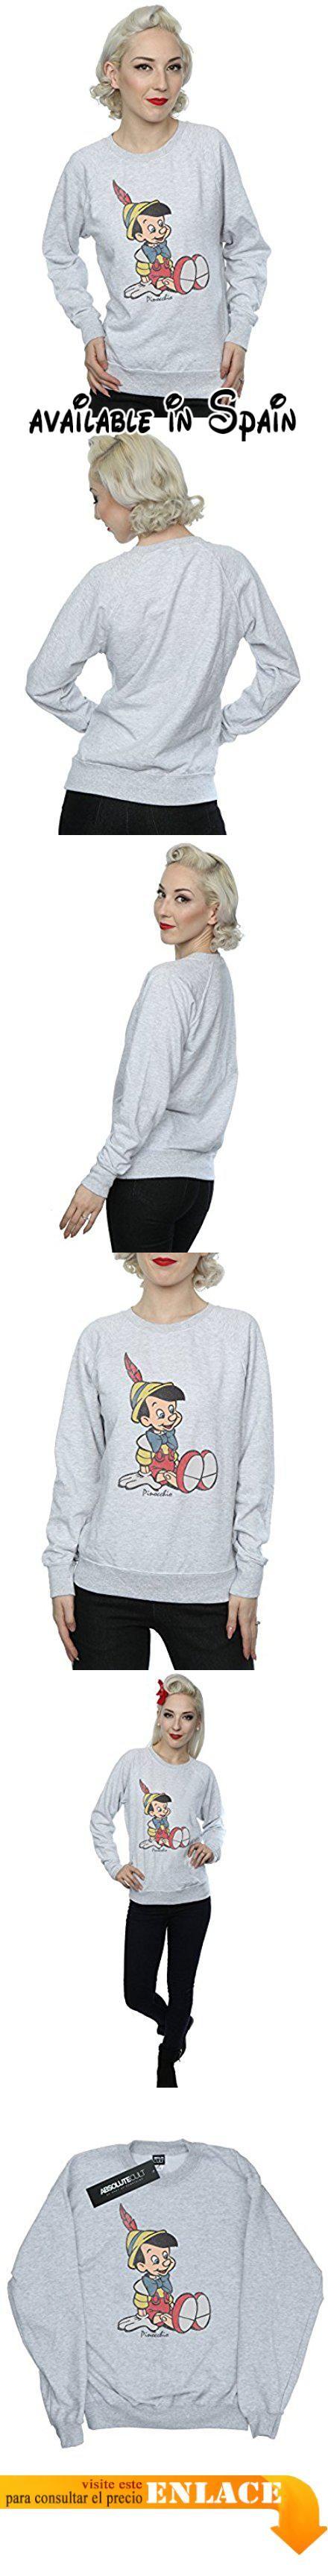 B01N4QIAXK : Disney mujer Classic Pinocchio Camisa de entrenamiento XX-Large cuero gris. Con licencia oficial de mercancía con toda la marca de licencia autorizado envasado y etiquetado. 240gsm ligera perfecta de prendas de vestir para el verano o el uso durante todo el año.. De peso ligero de lana sin cepillar mangas raglán y costuras laterales con forma para un ajuste femenino.. Gracias por confirmar su tamaño para evitar decepciones. Nuestro tamaño X-Small es el